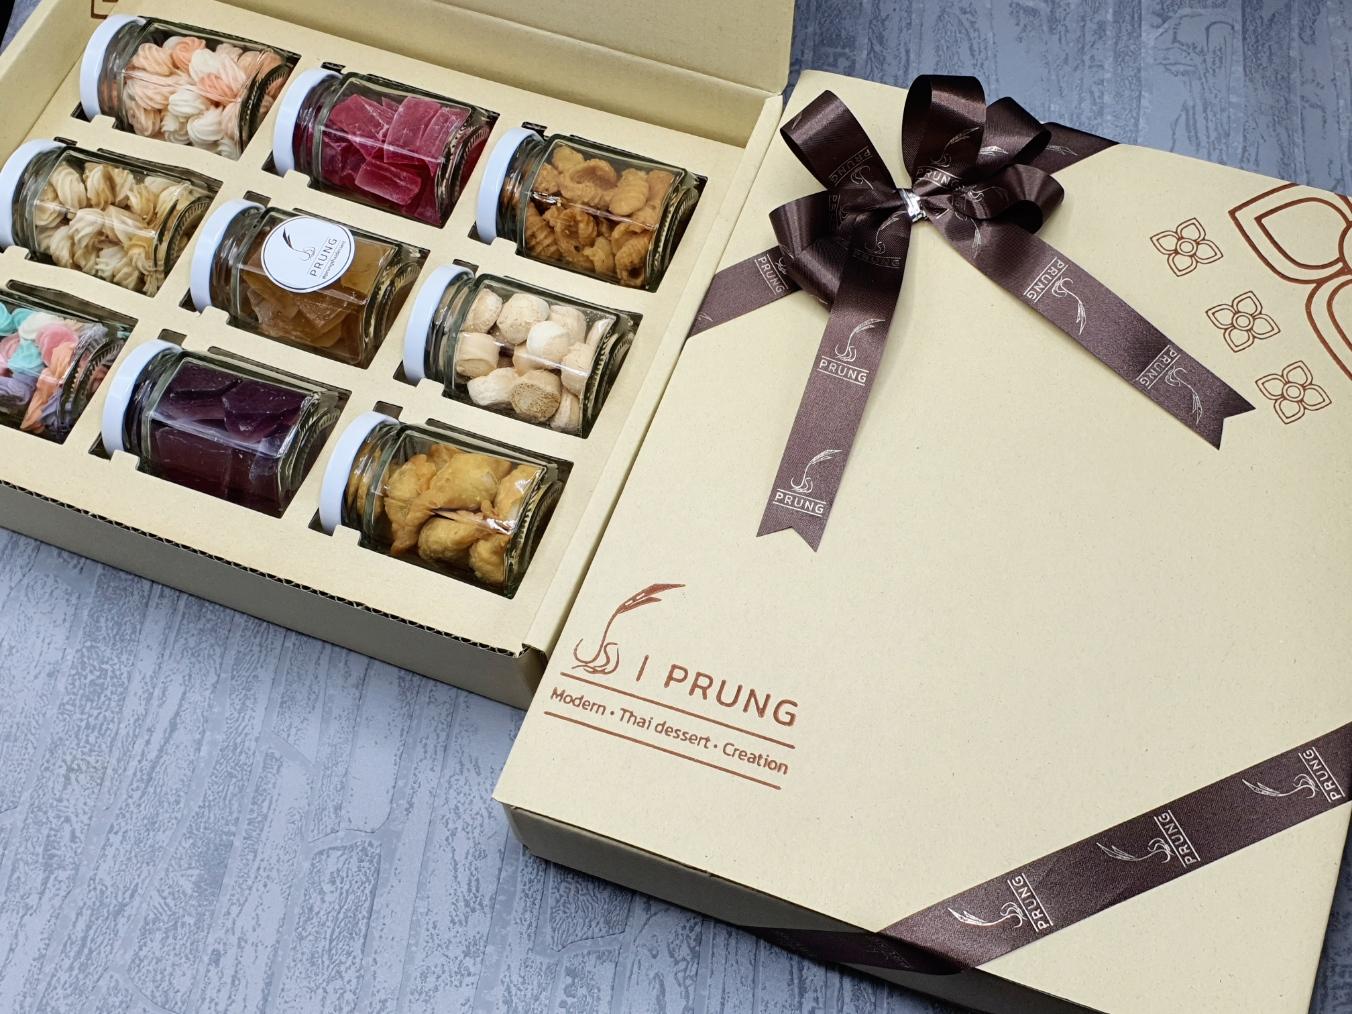 กล่องของขวัญขนมแห้ง 9 กระปุก